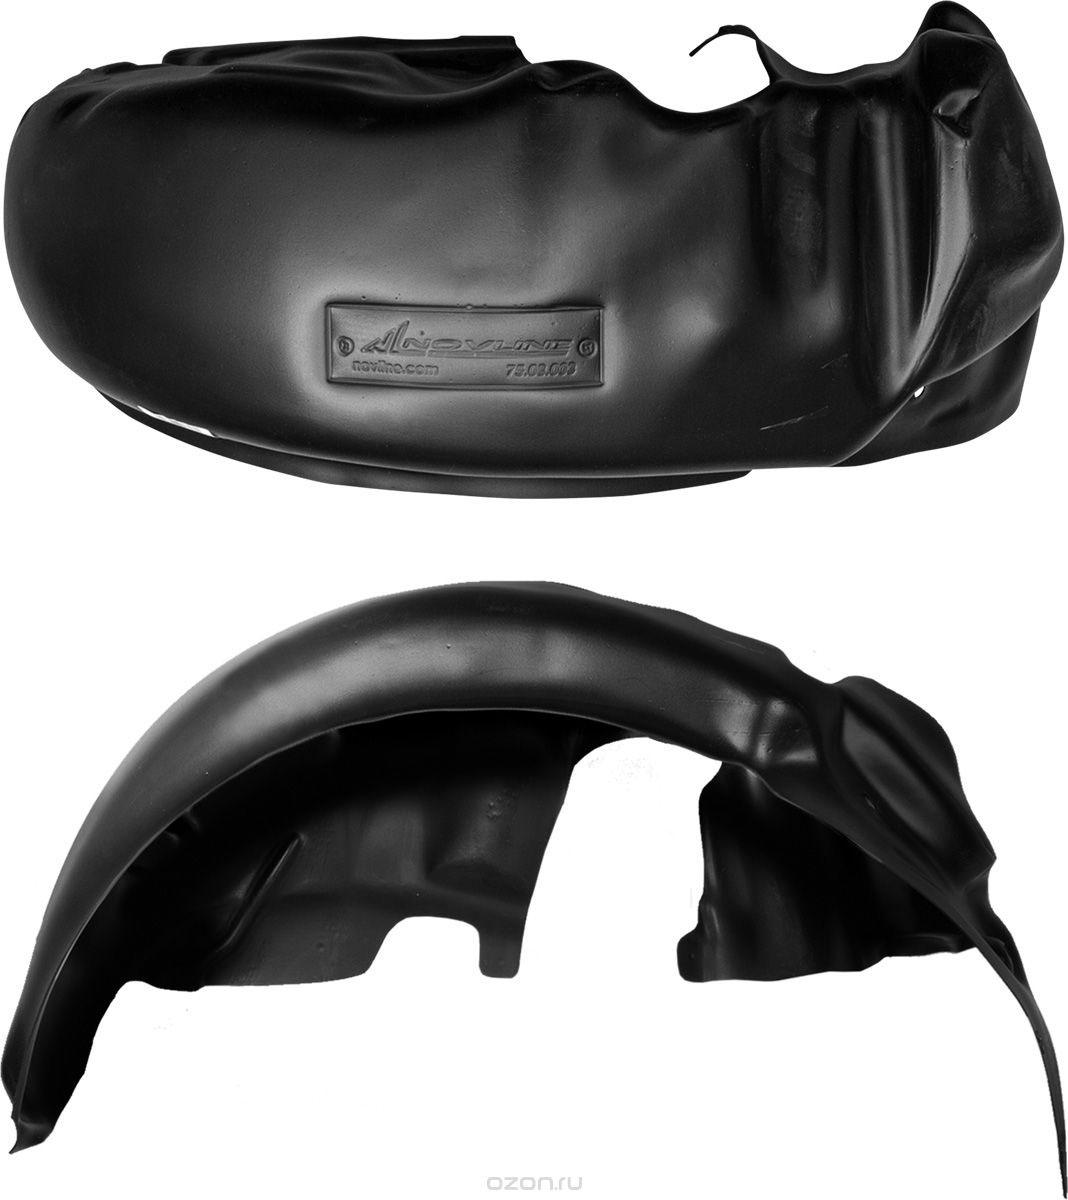 Подкрылок Novline-Autofamily, для Mitsubishi ASX, 2010-01/2013, передний левыйNLL.35.25.001Идеальная защита колесной ниши. Локеры разработаны с применением цифровых технологий, гарантируют максимальную повторяемость поверхности арки. Изделия устанавливаются без нарушения лакокрасочного покрытия автомобиля, каждый подкрылок комплектуется крепежом. Уважаемые клиенты, обращаем ваше внимание, что фотографии на подкрылки универсальные и не отражают реальную форму изделия. При этом само изделие идет точно под размер указанного автомобиля.